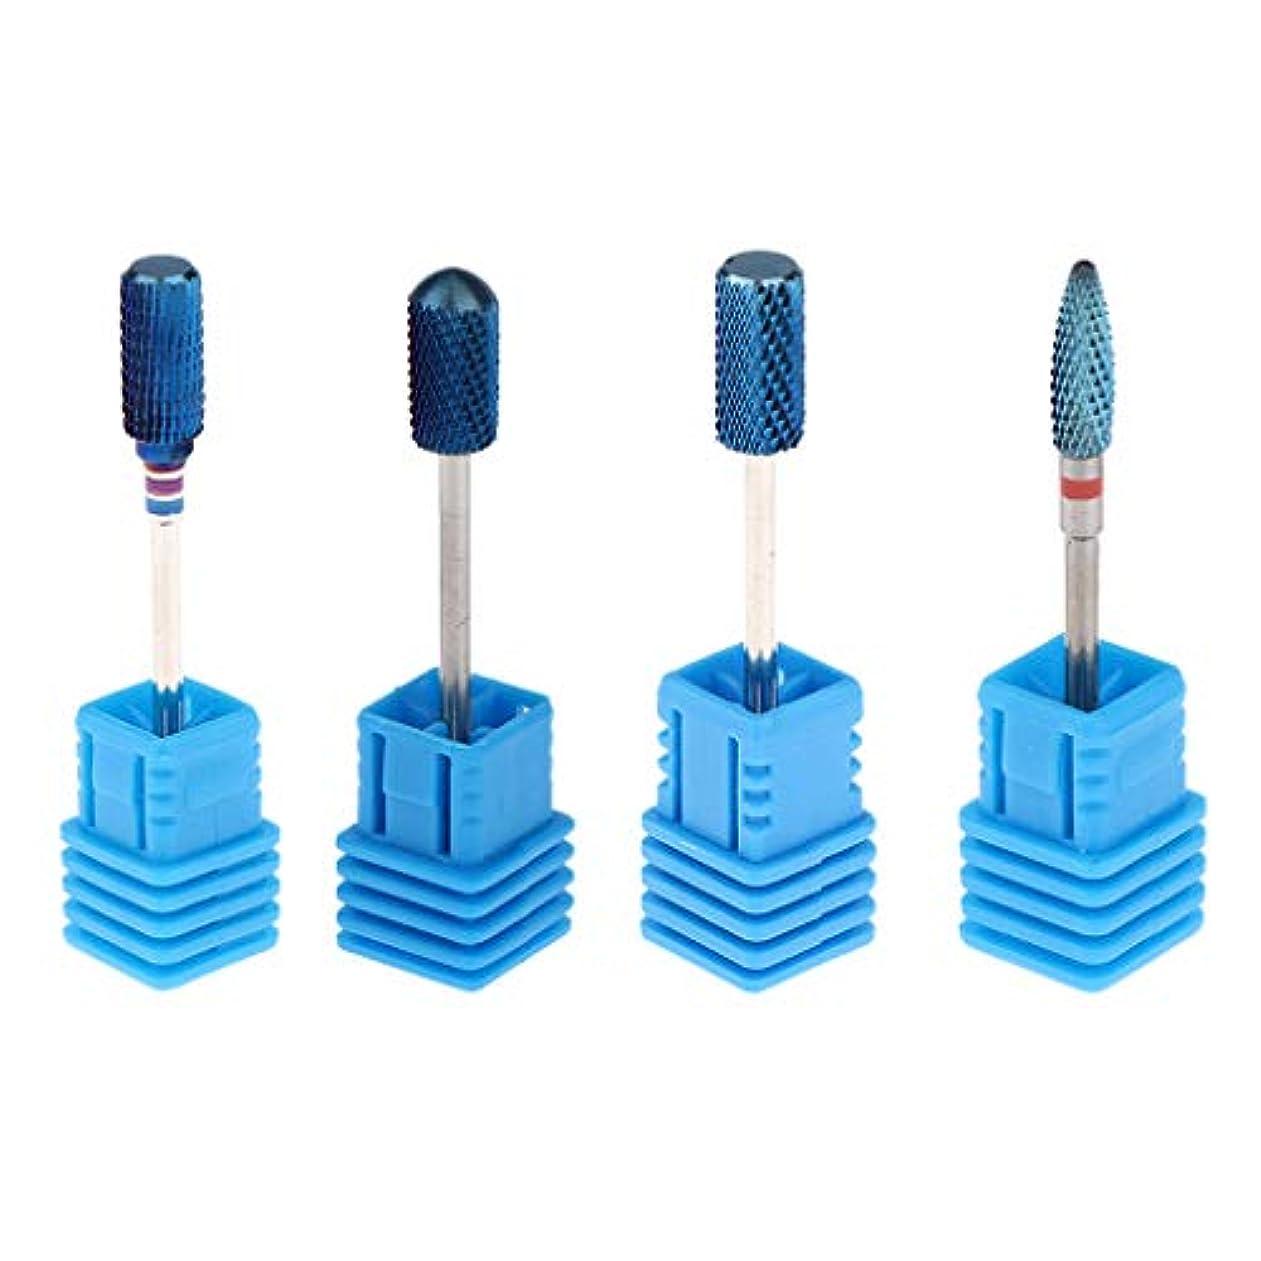 追い出すウガンダ雄弁家Perfeclan 4個セット ネイルドリルビット ネイルアートドリルビット4種類 タングステン鋼 耐久性 使いやすい